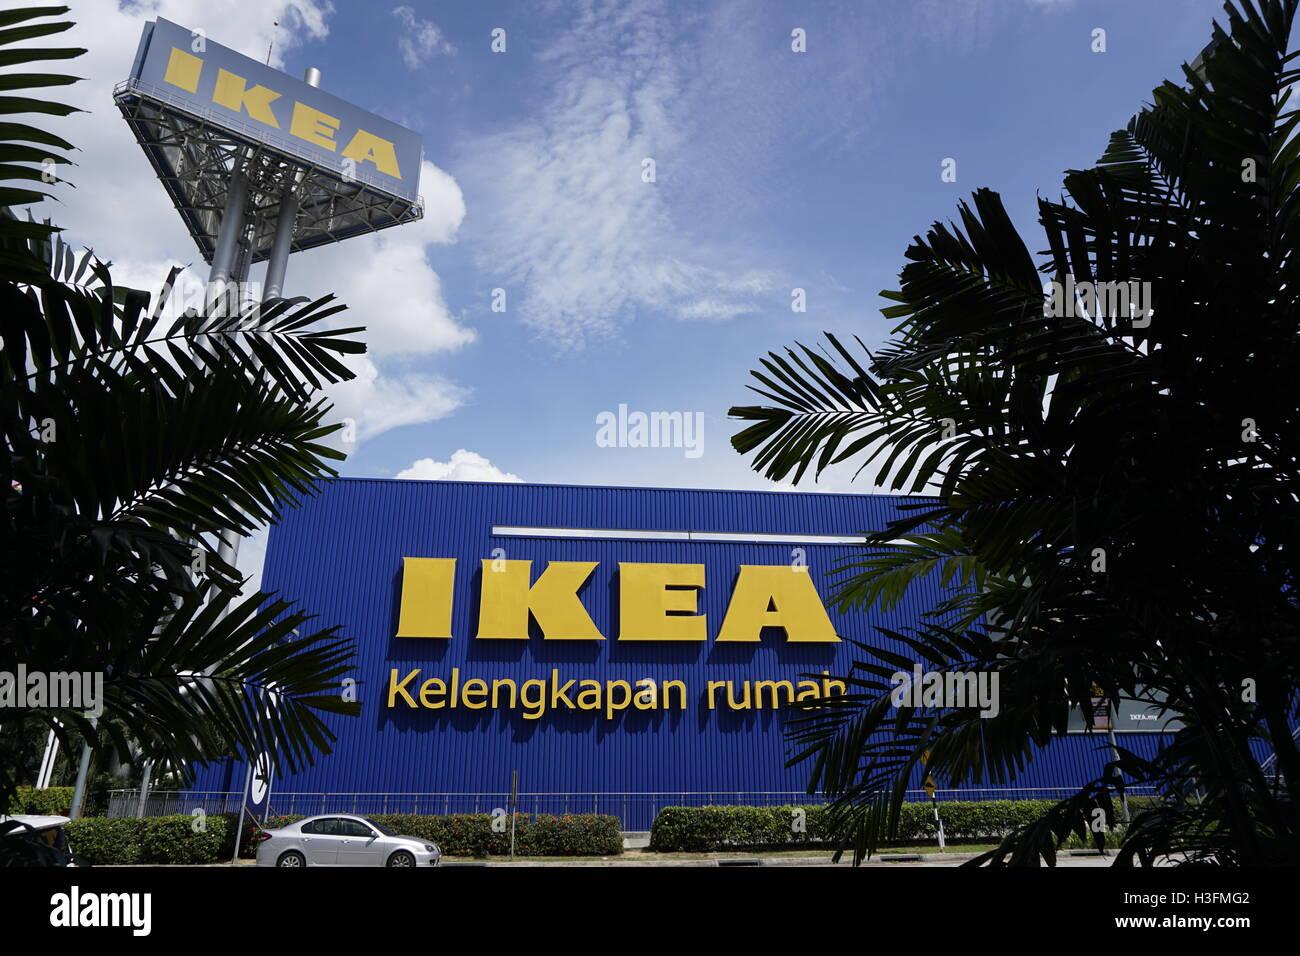 Ikea home furnishing store in Damansara, Malaysia - Stock Image